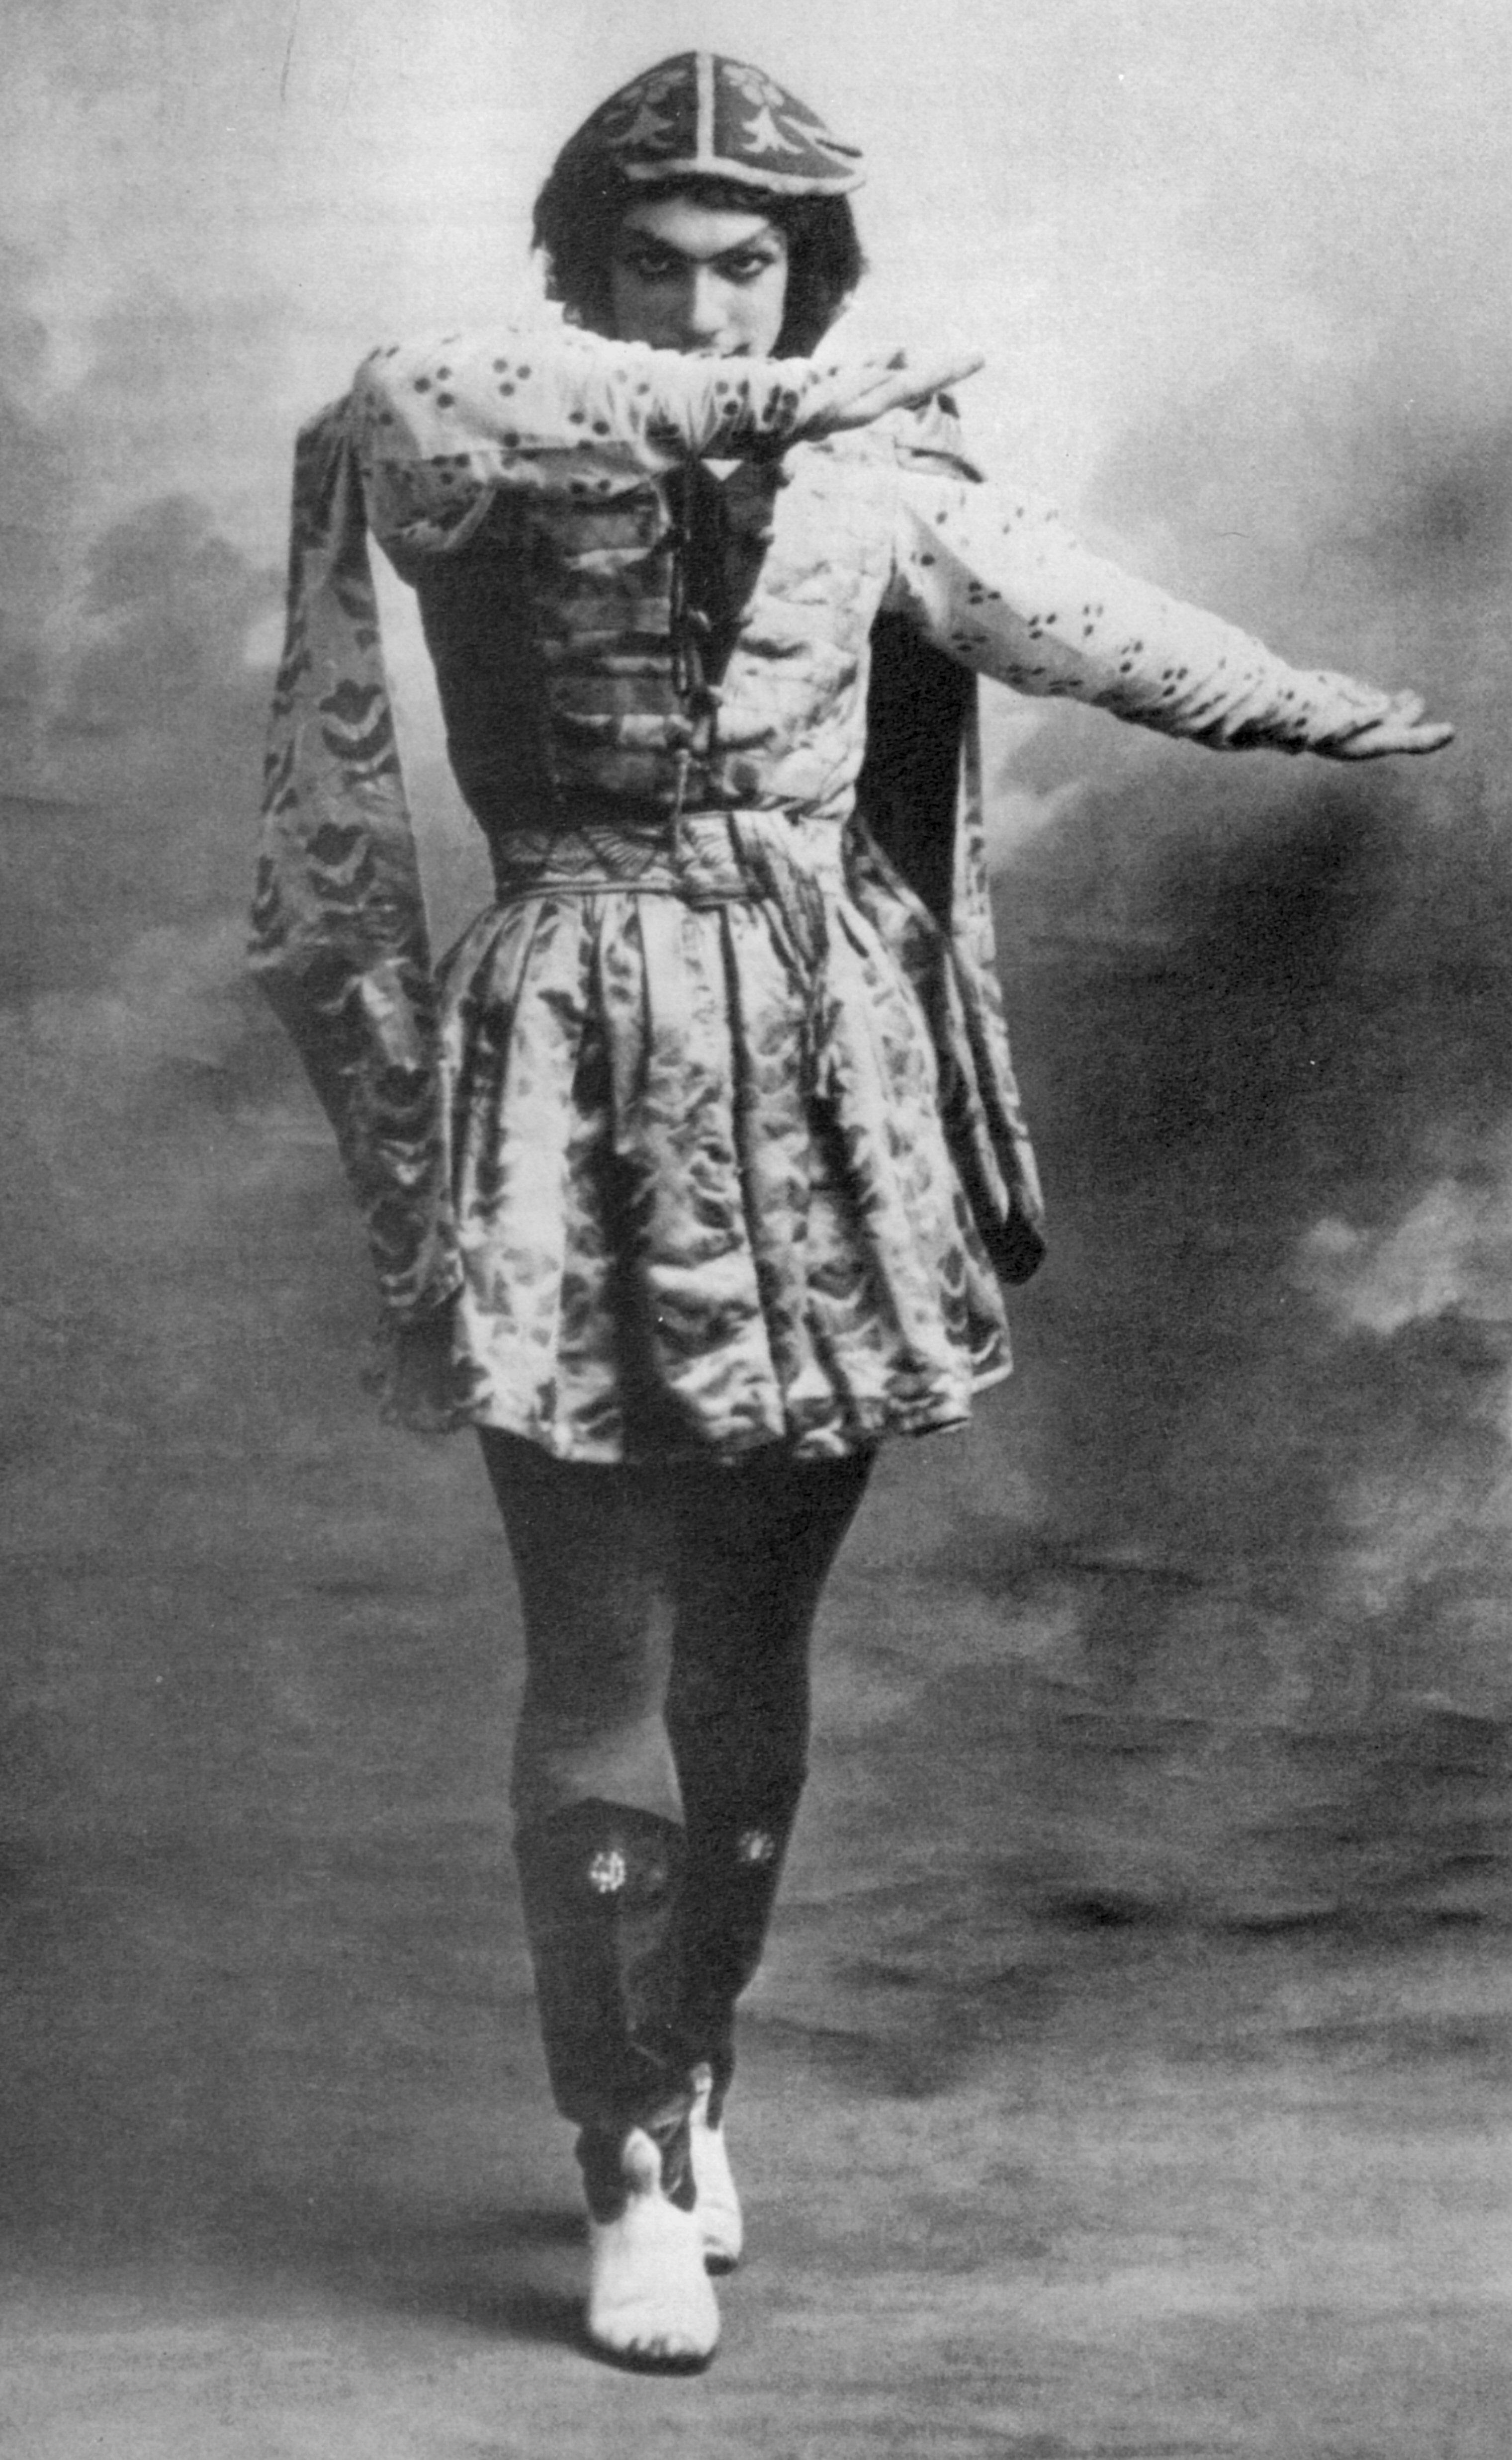 File:Nijinsky Le Festin Michel Fokine.jpg - Wikimedia Commons